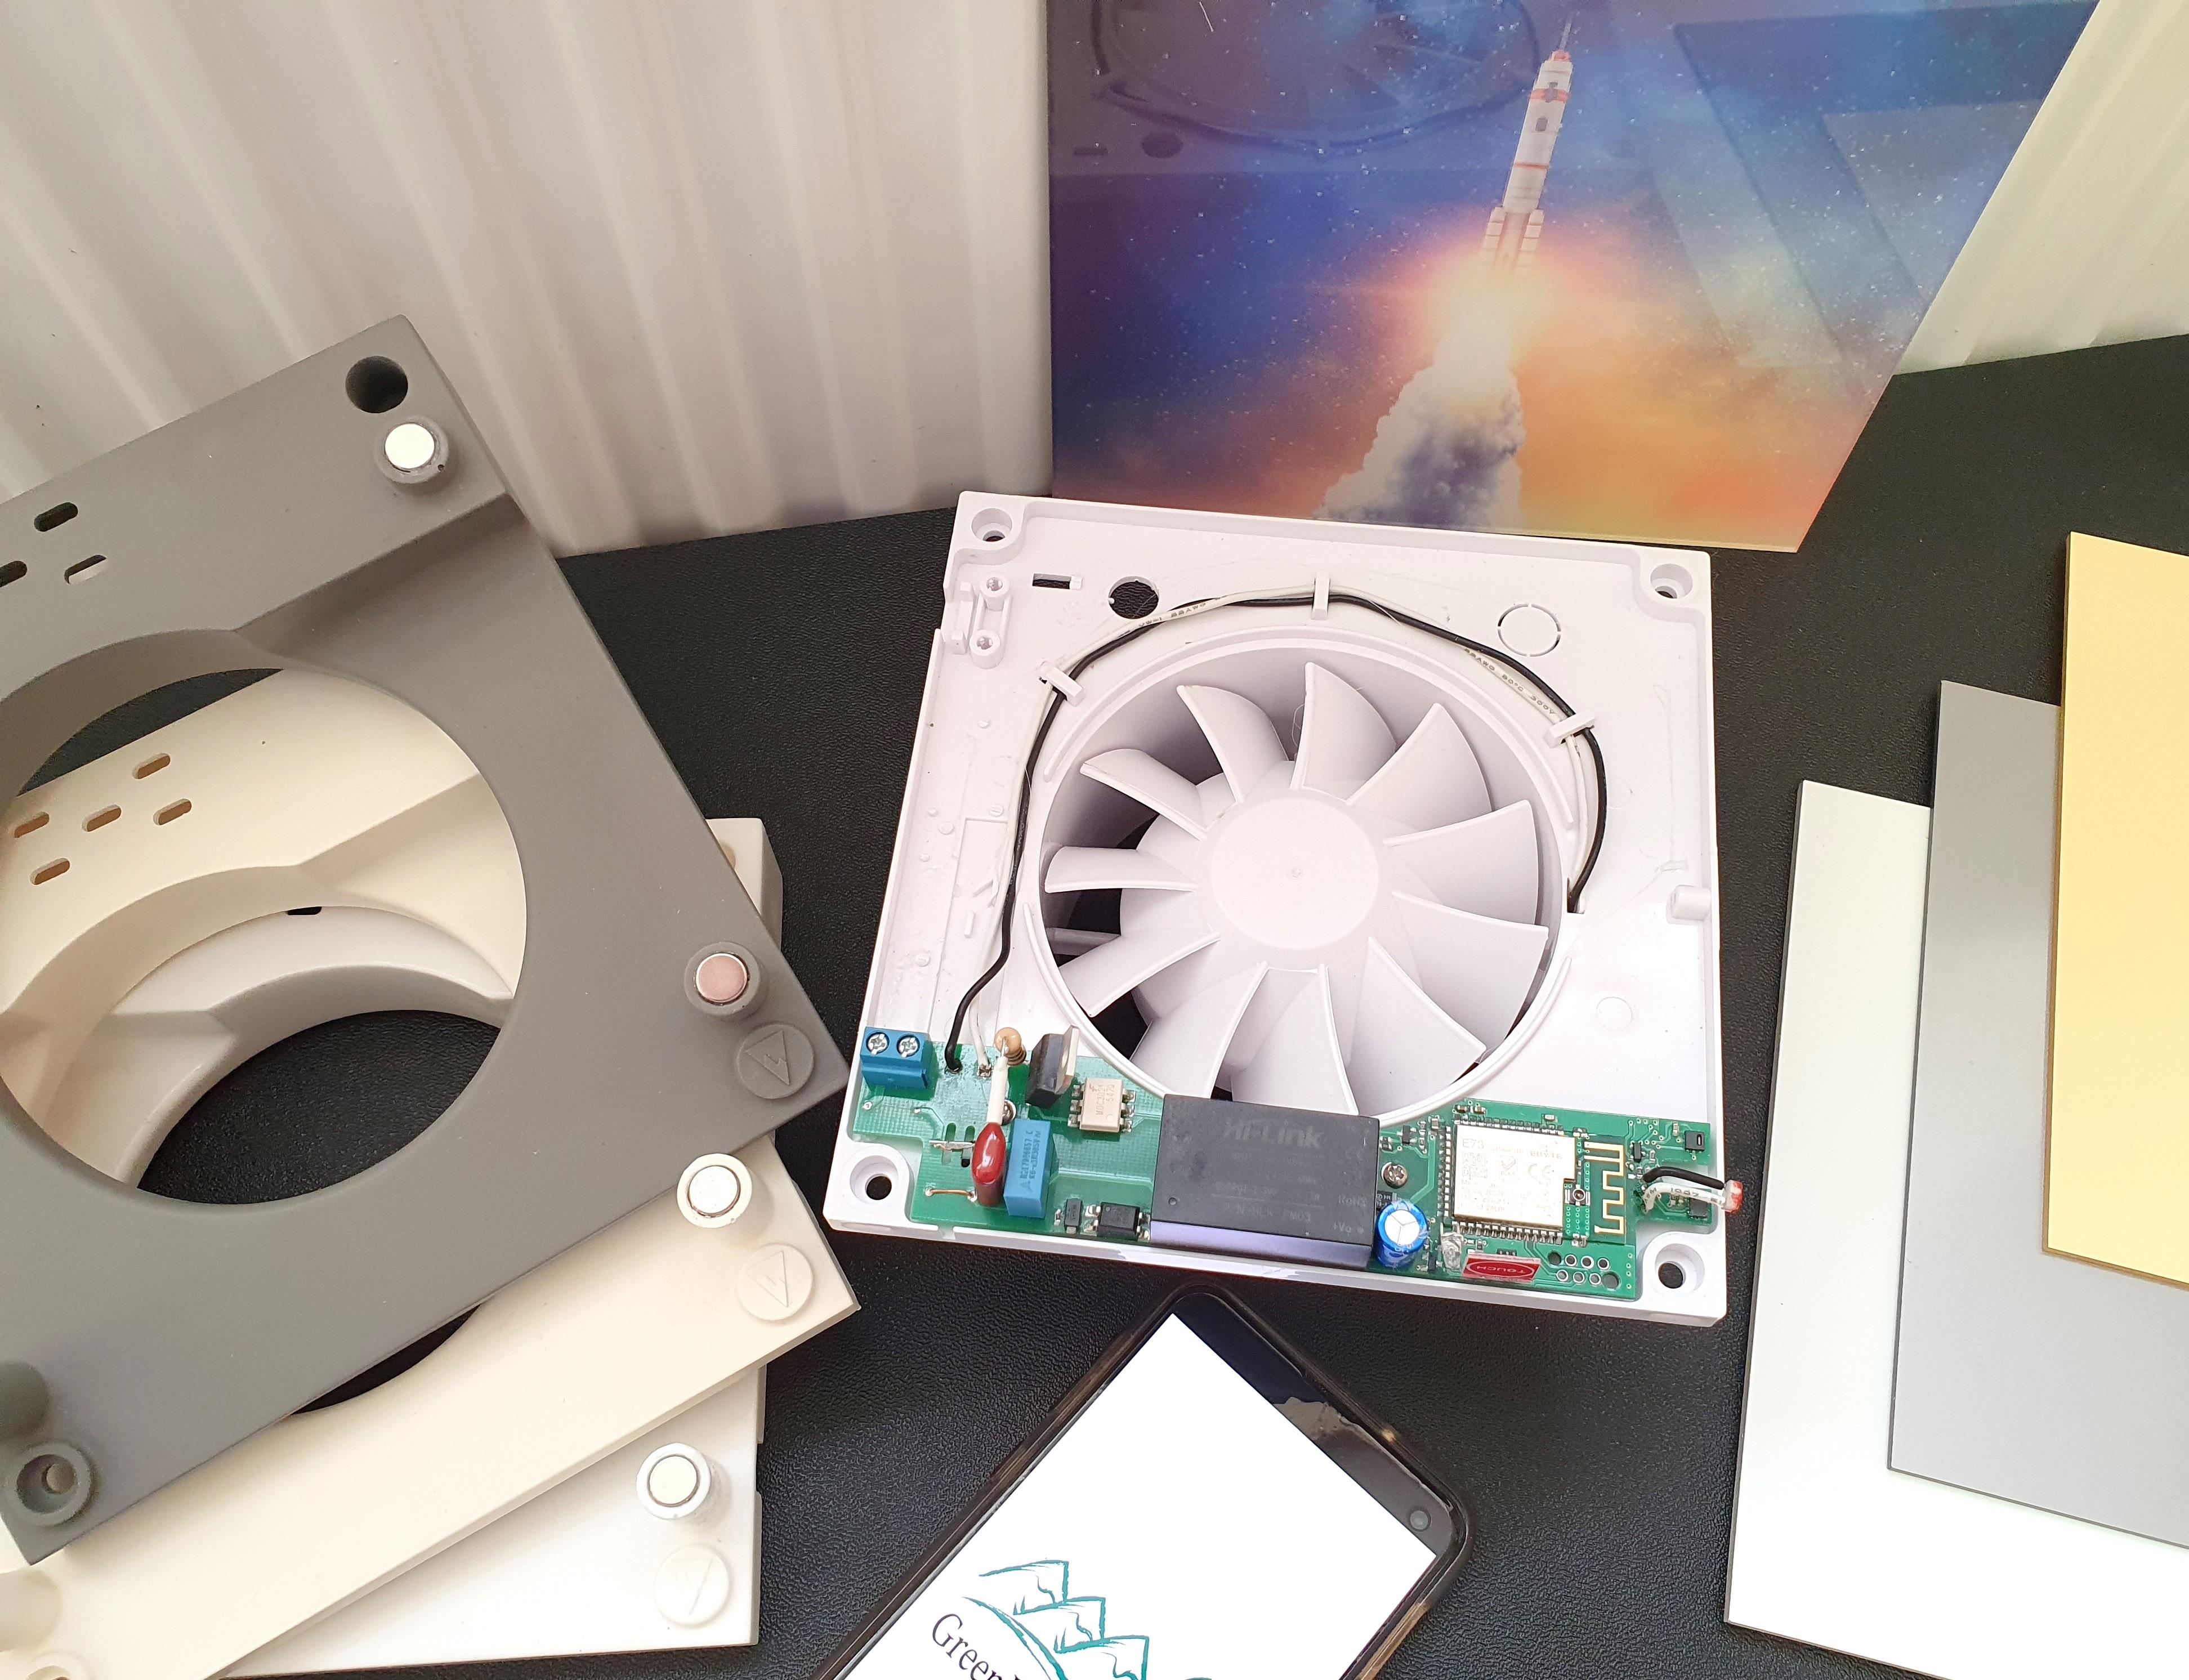 Зачем все ставят вентиляторы в туалет или как мы решили сделать умный вентилятор, история по DIY